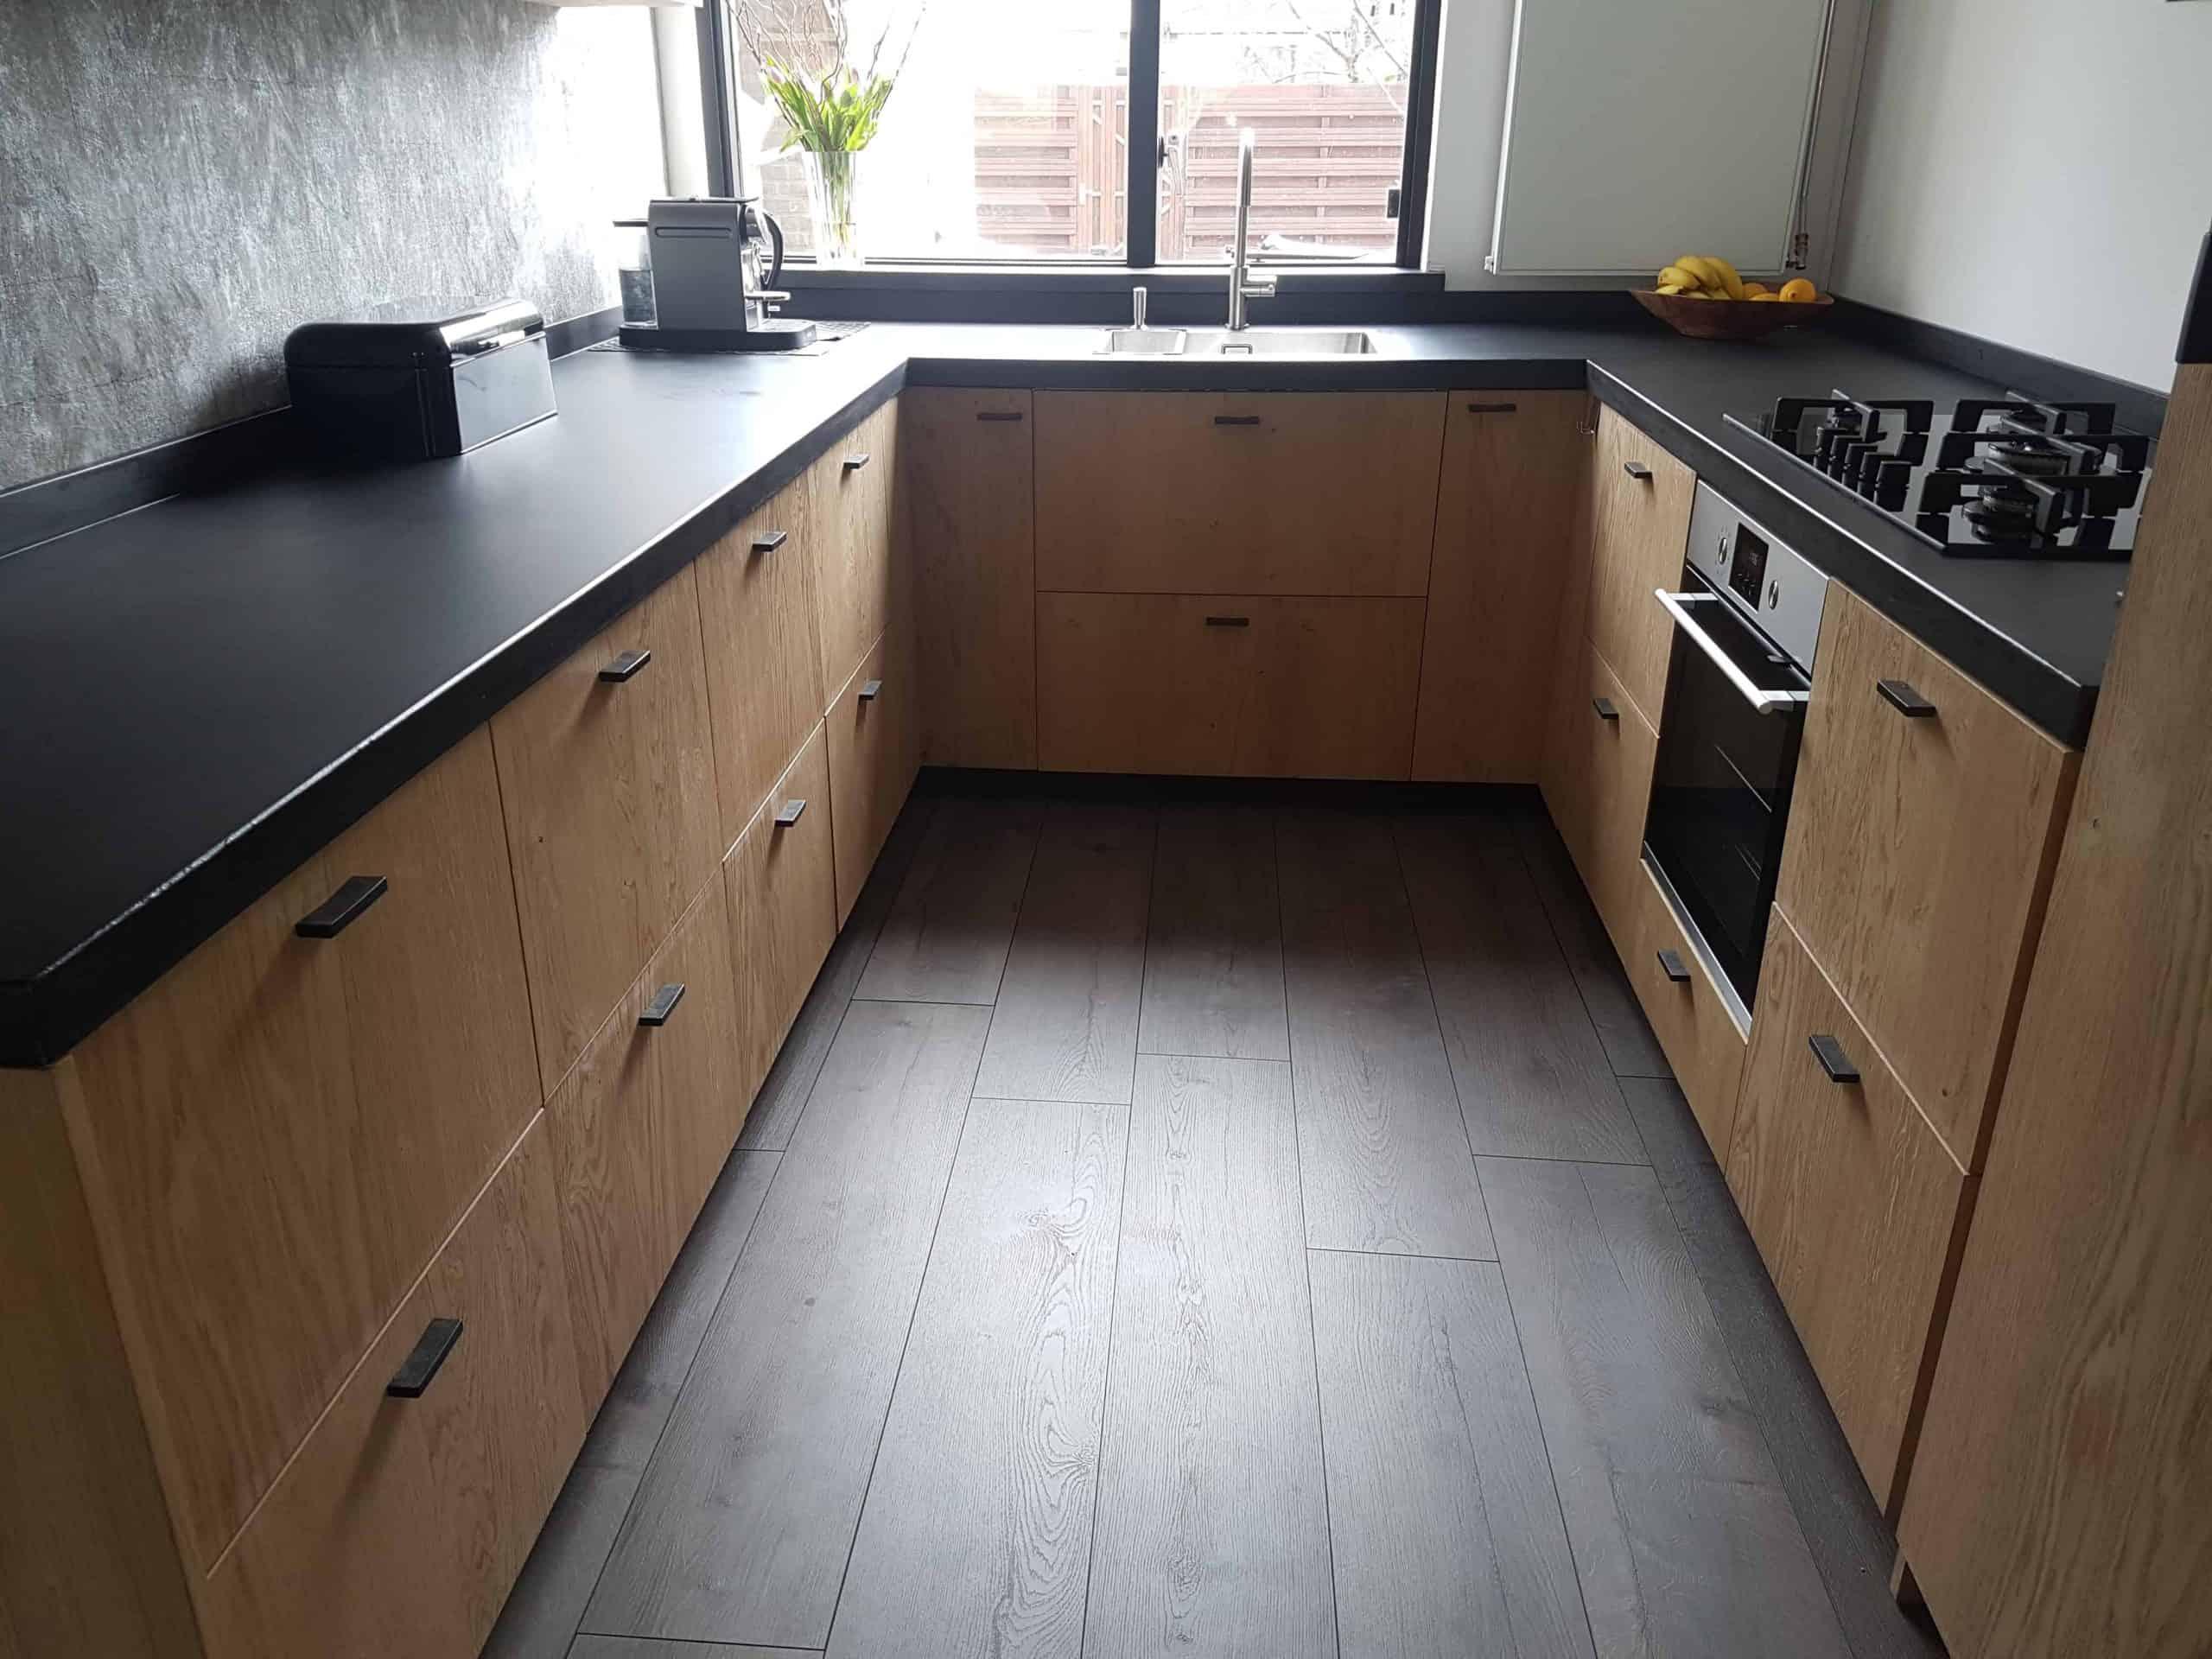 Inspiratie Ikea Keukens Housespecials Maak Je Huis Speciaal